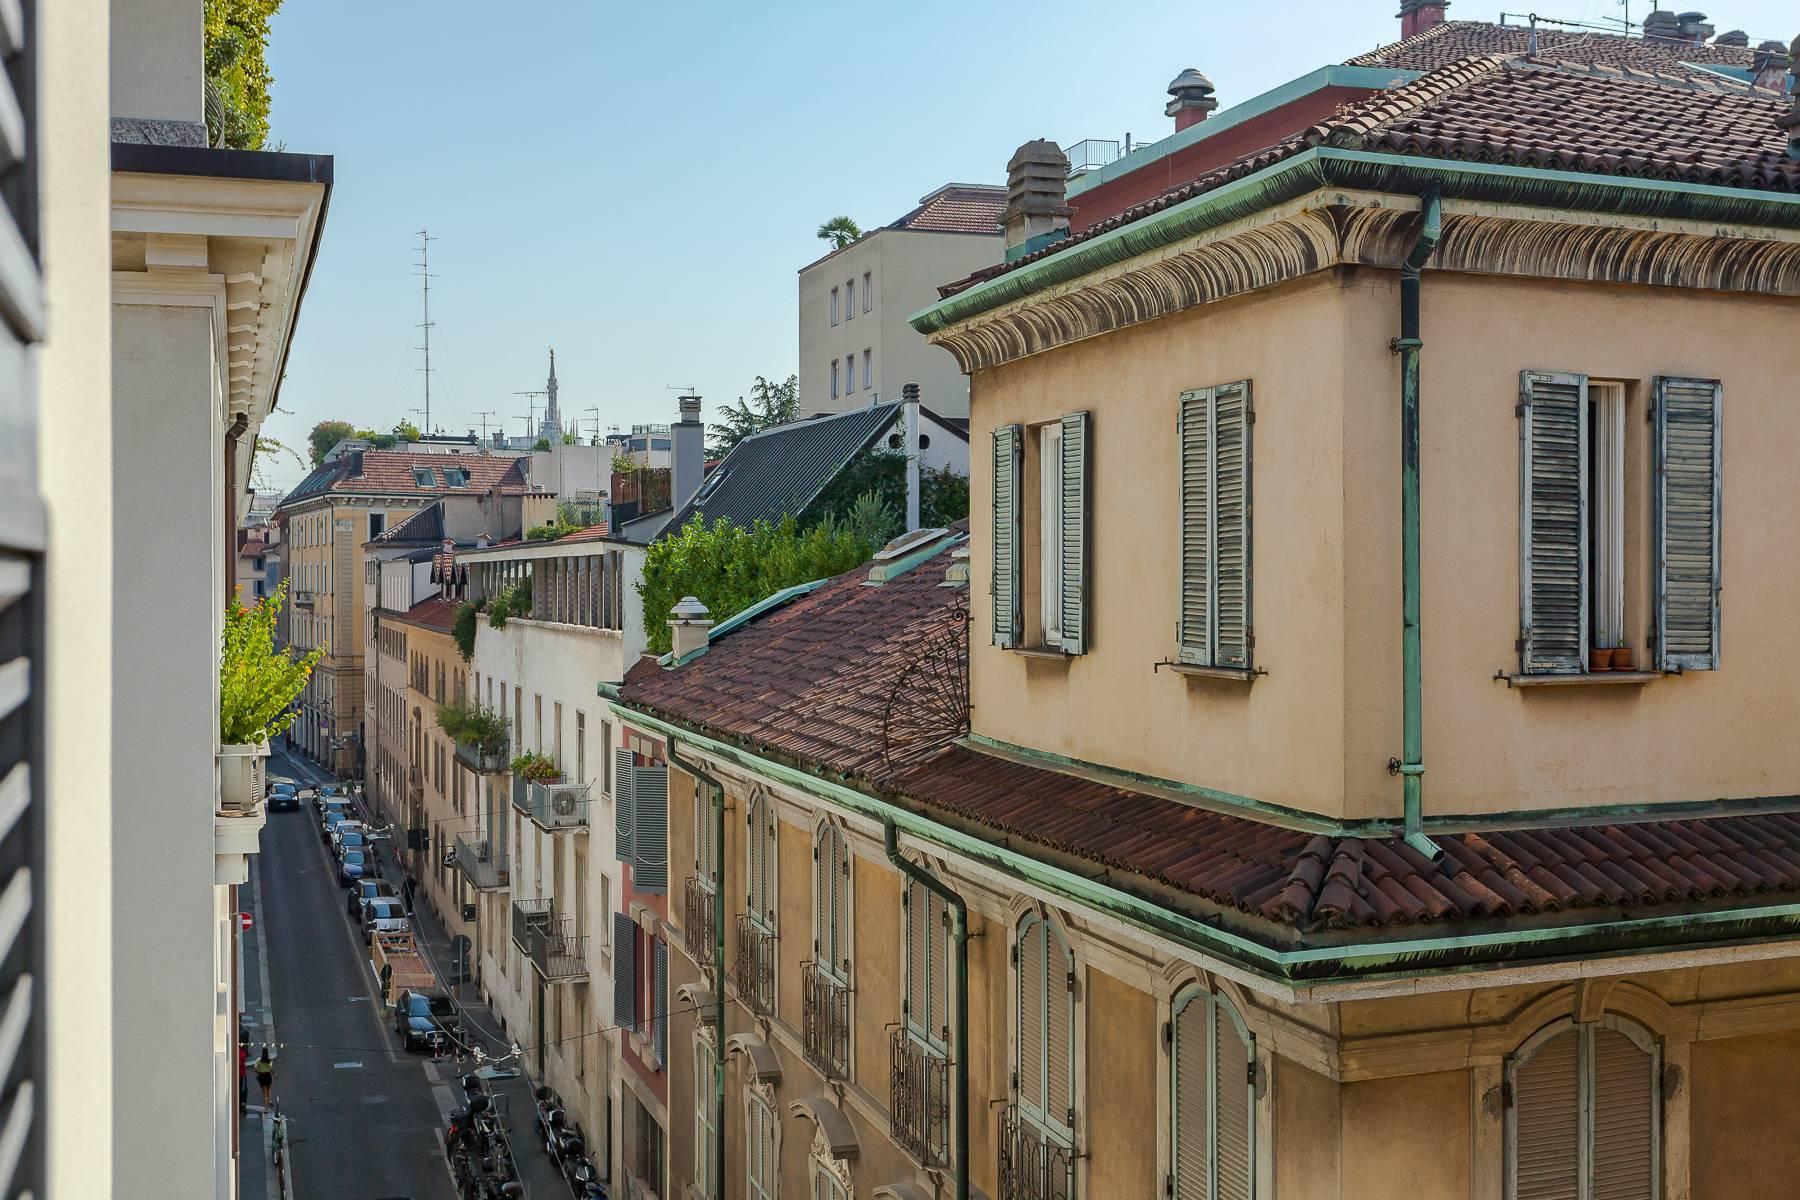 Attico di charme con terrazzino nel centro storico - 21